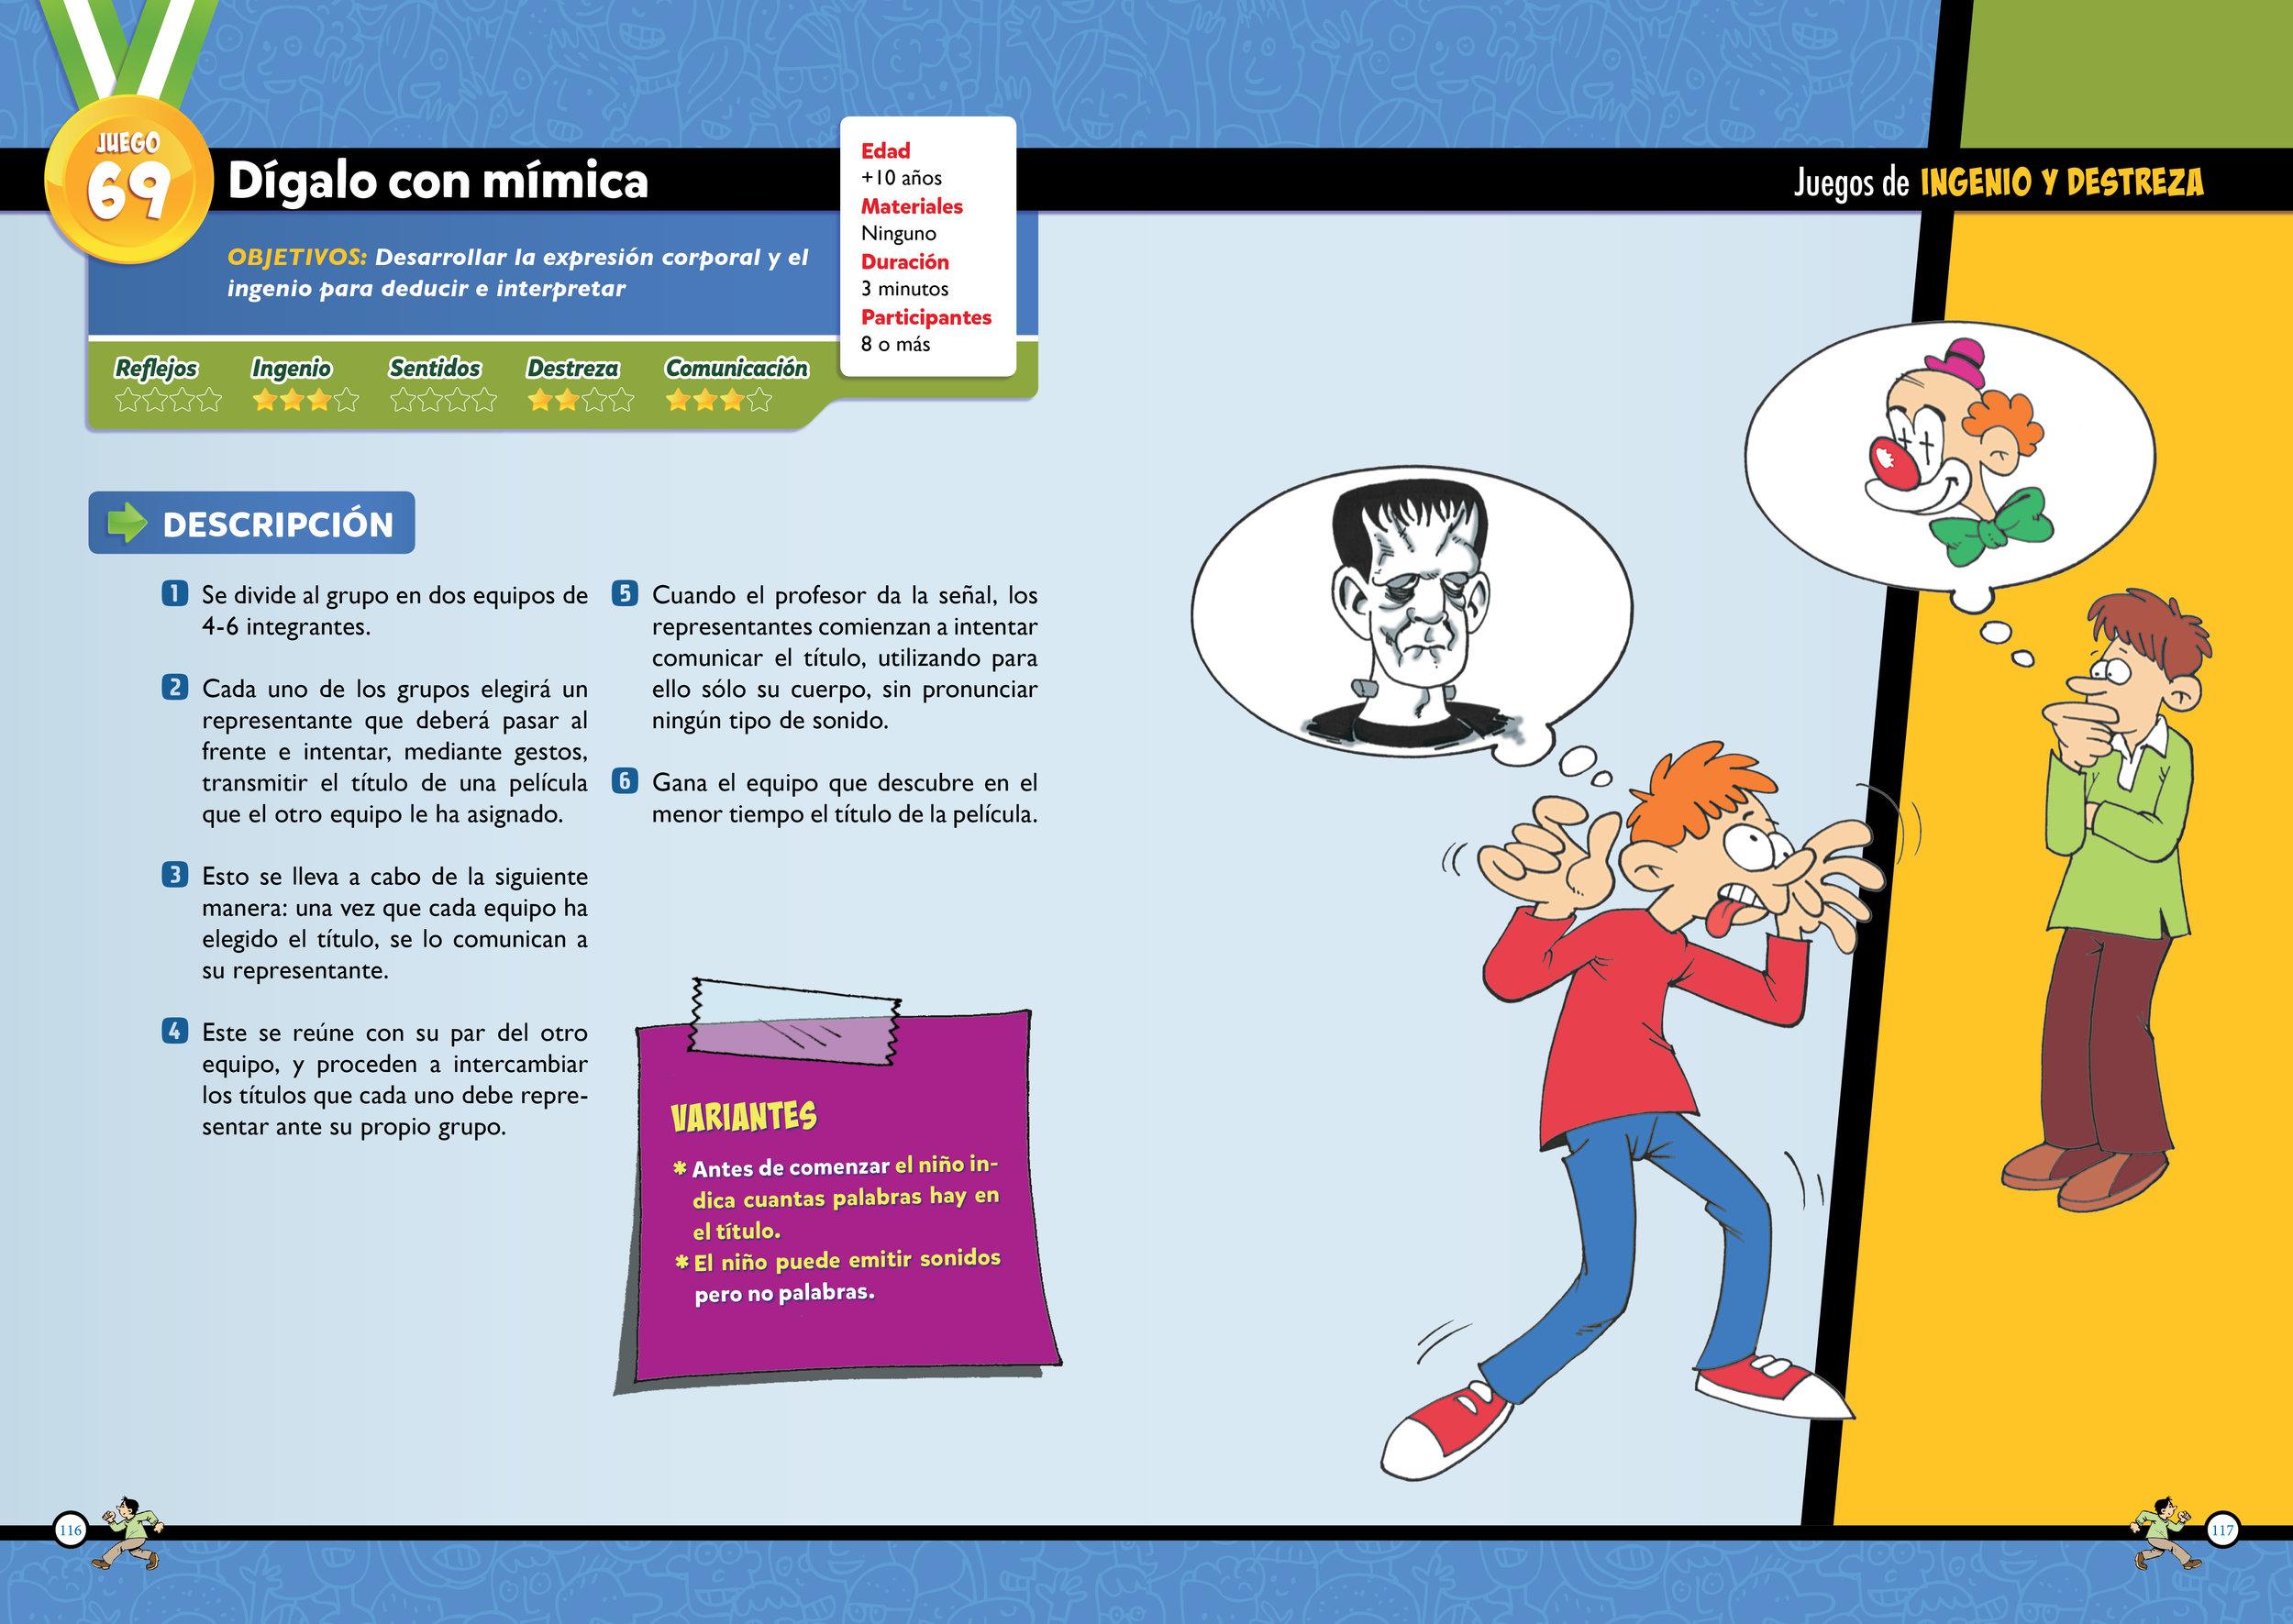 Juegos_EDUCACION_FISICA61.jpg